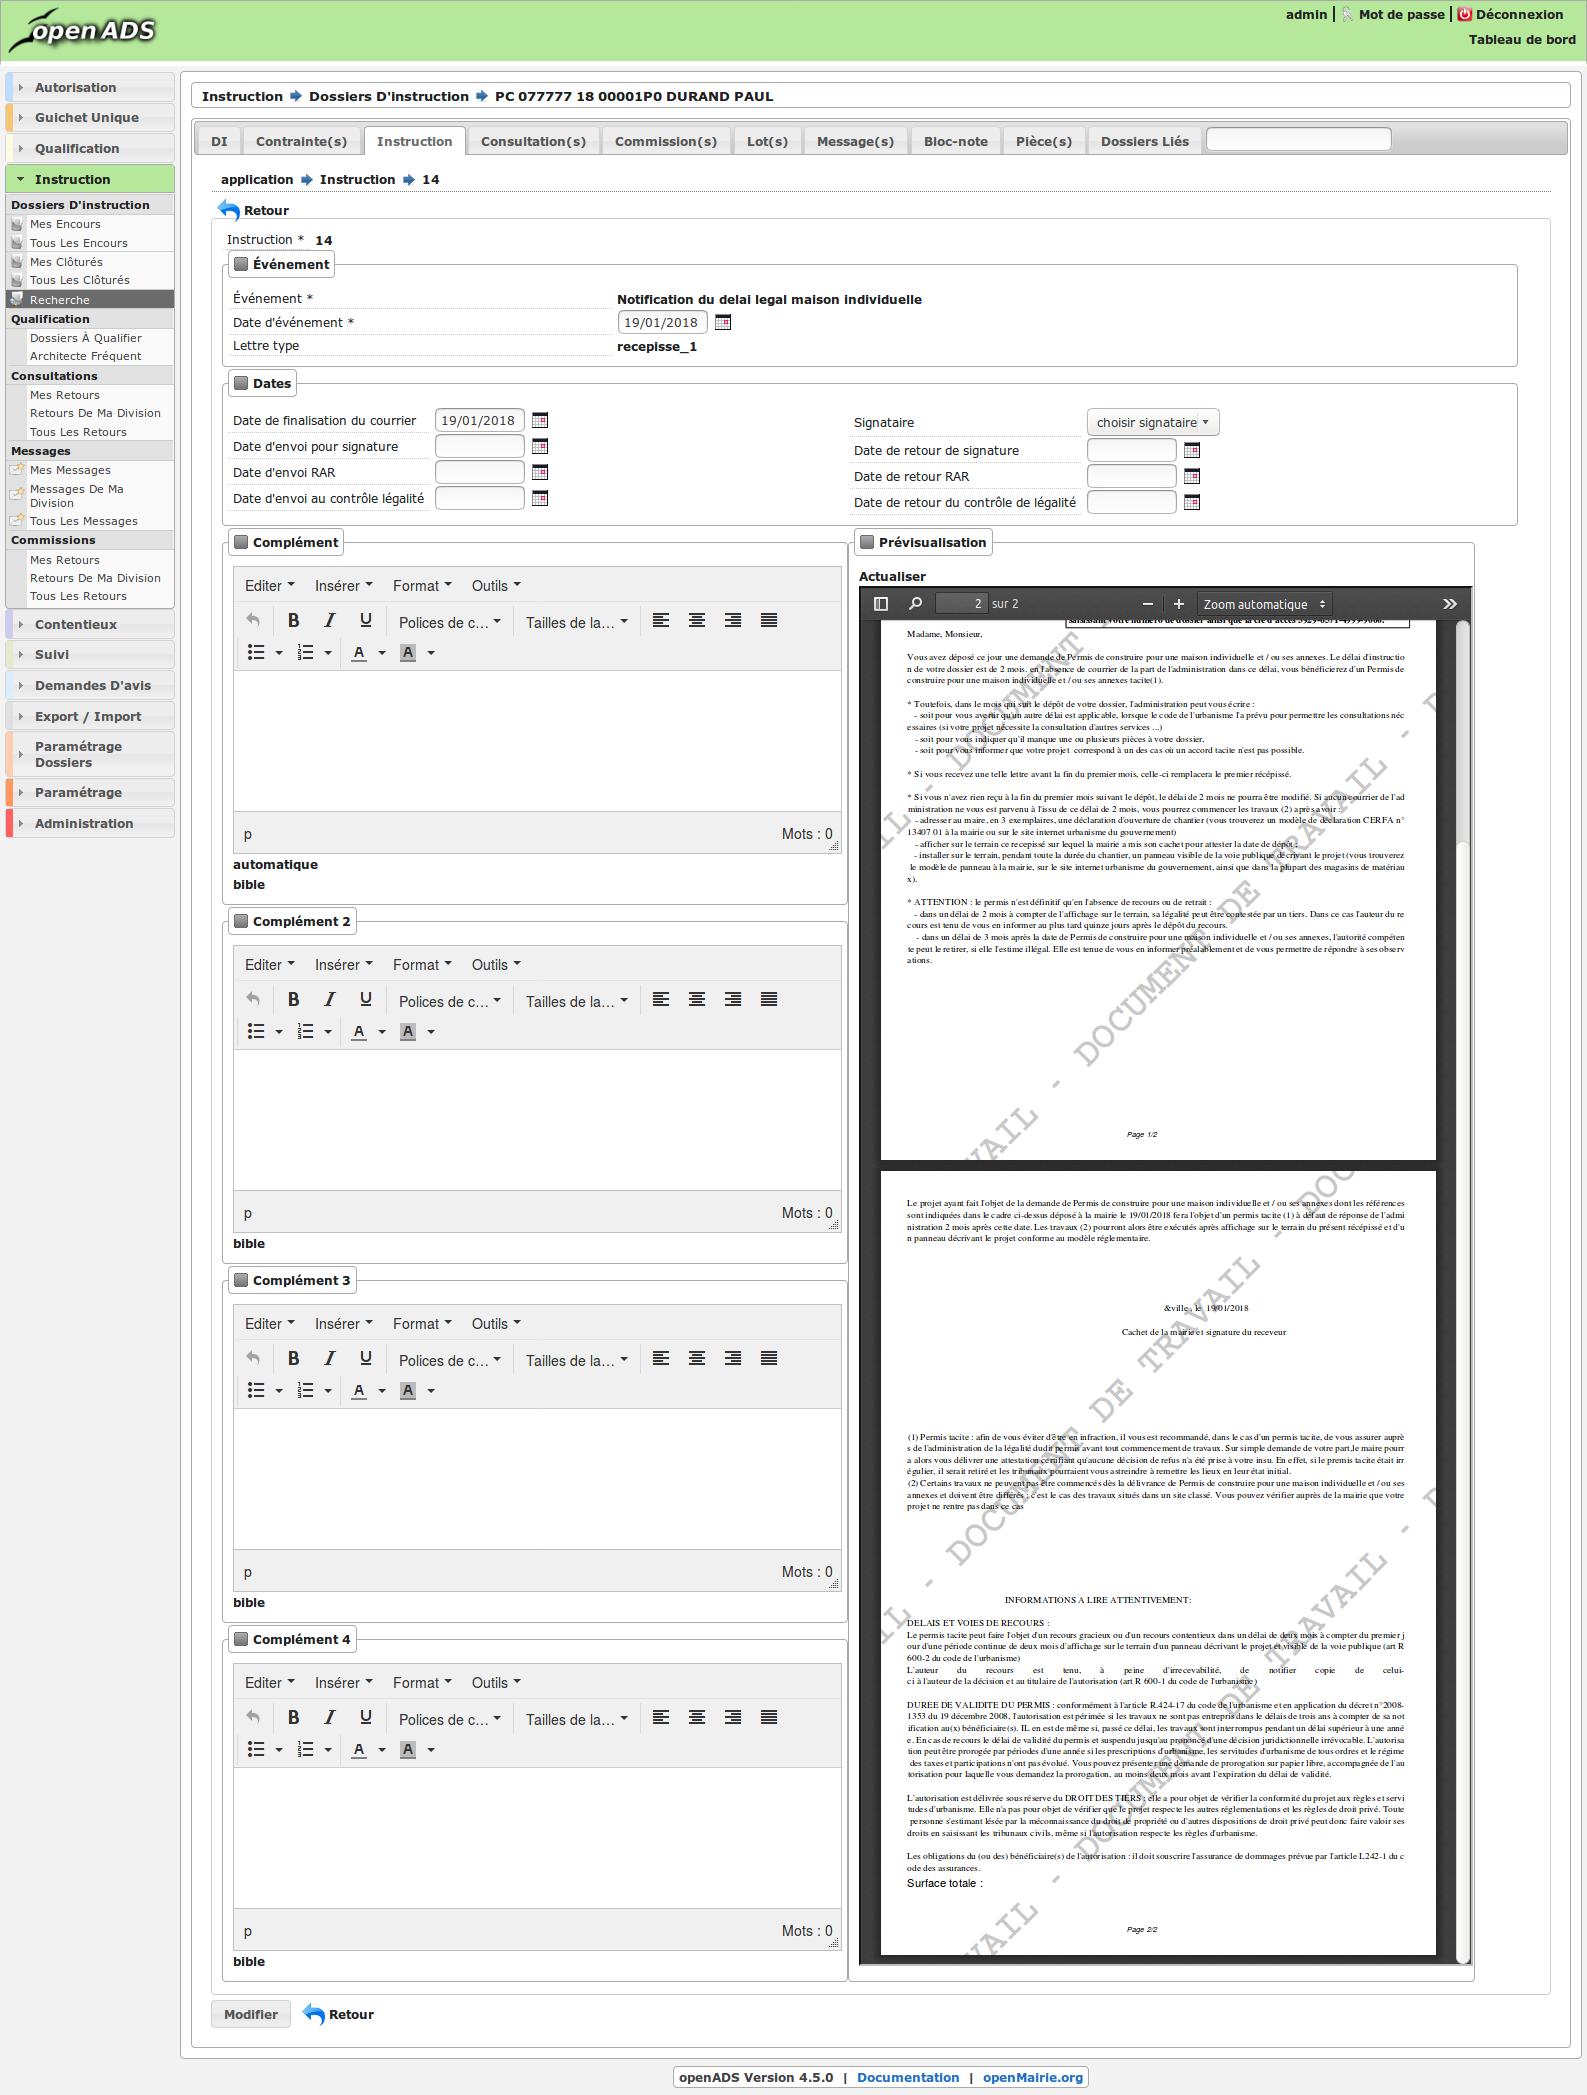 Publication de la version openADS 4.5.0